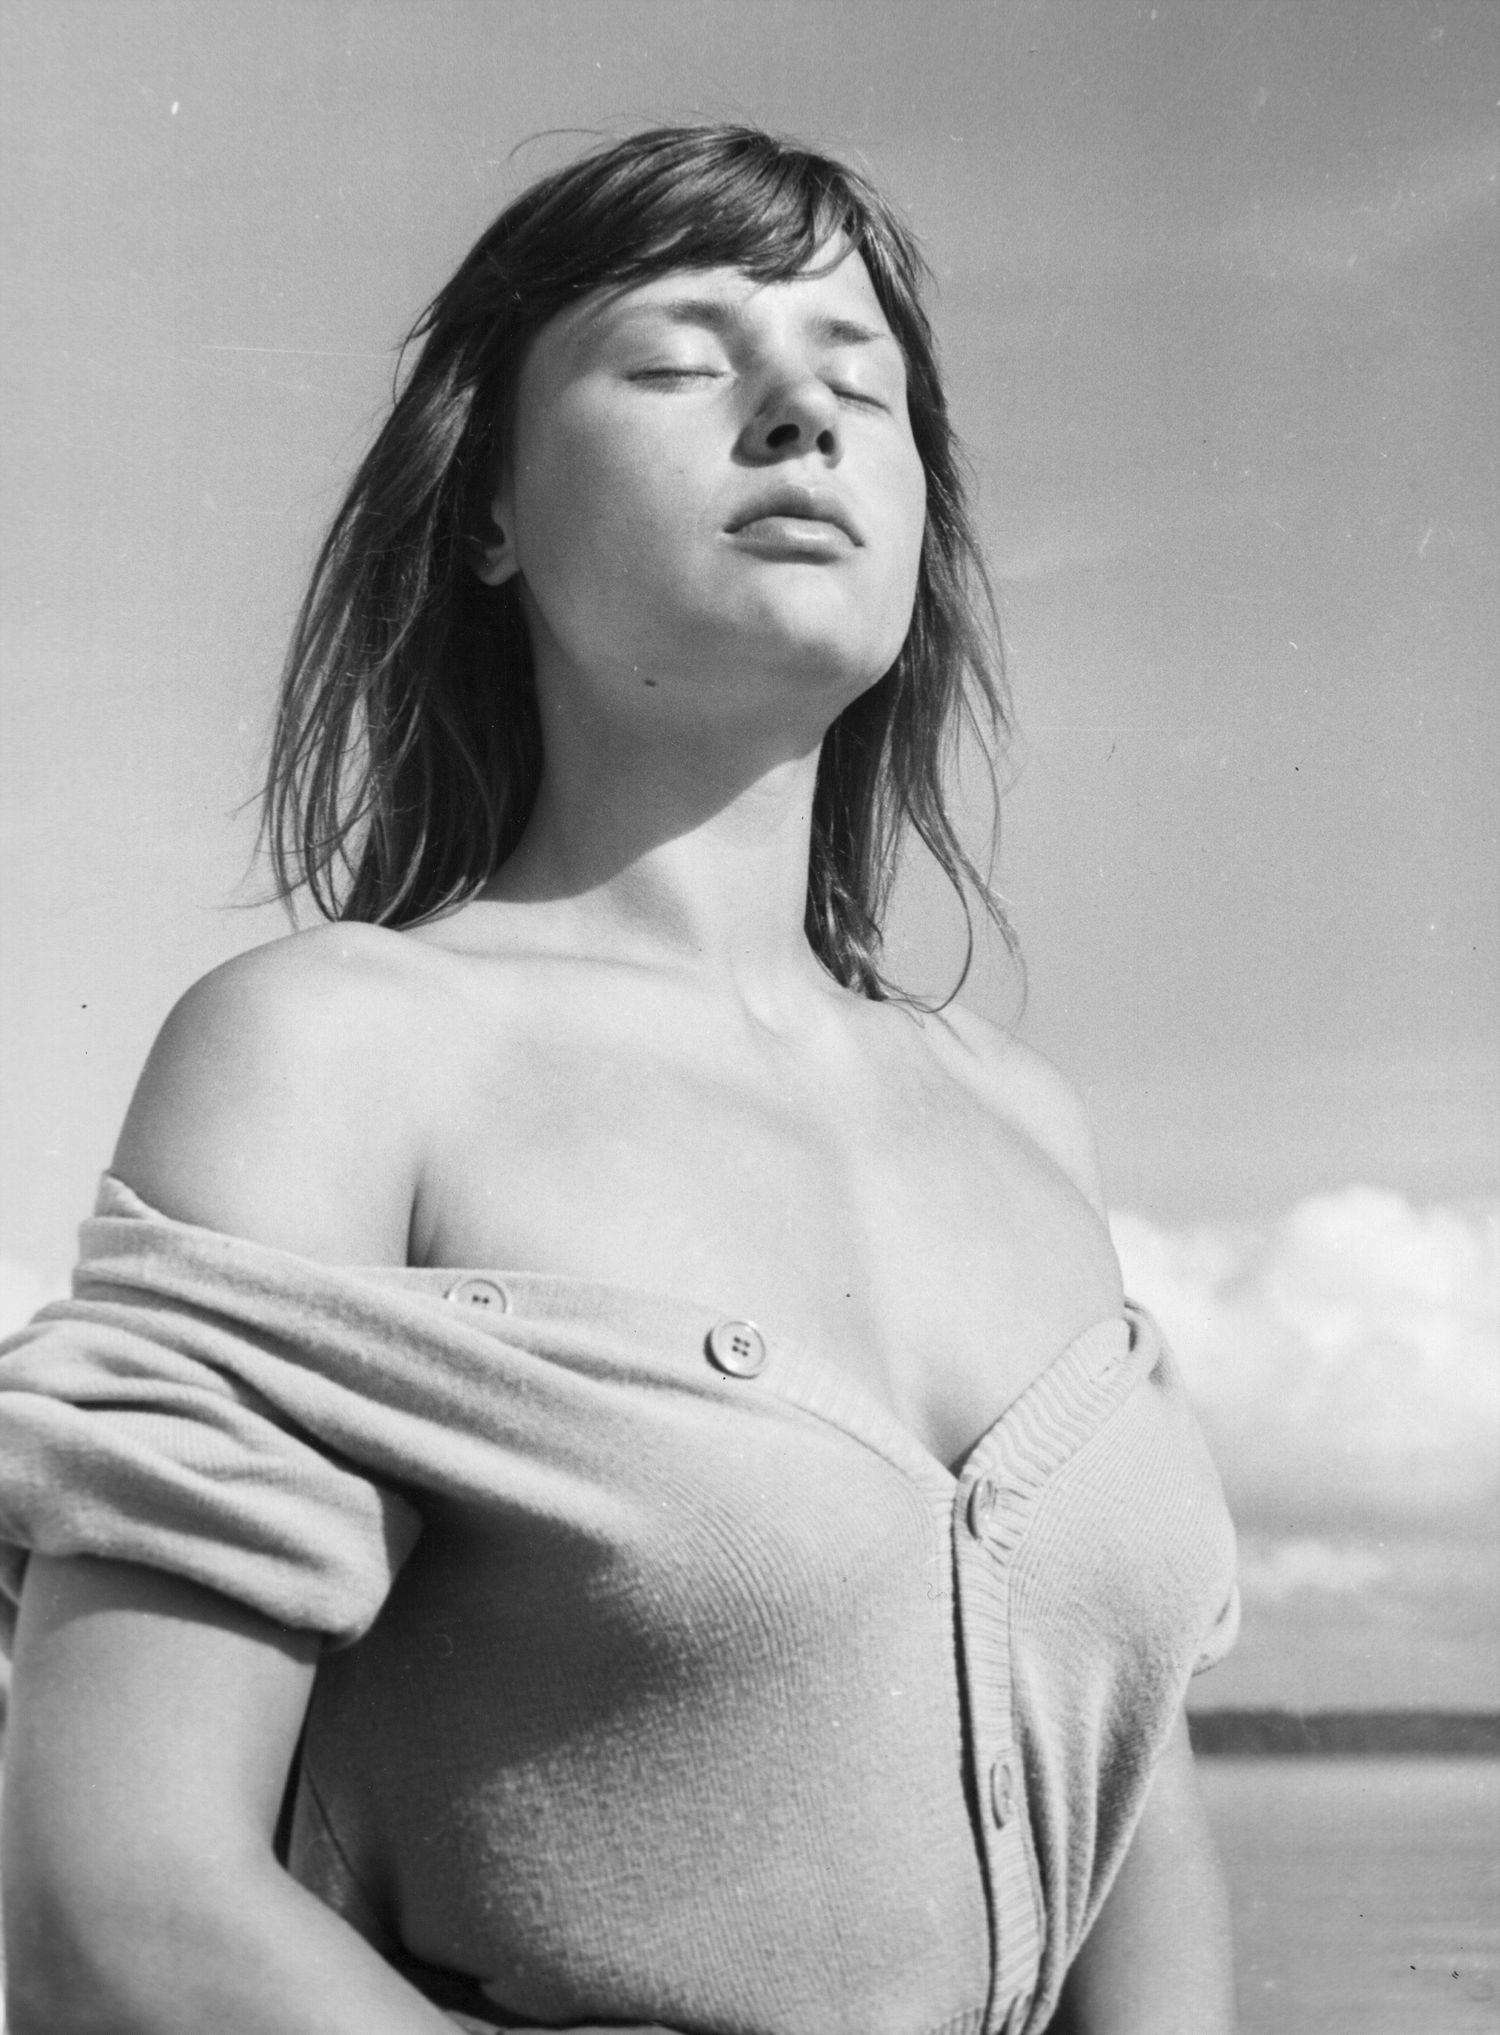 """Harriet Andersson en """"Sommaren med Monika"""" (""""Verano con Mónica"""") de Ingmar Bergman"""